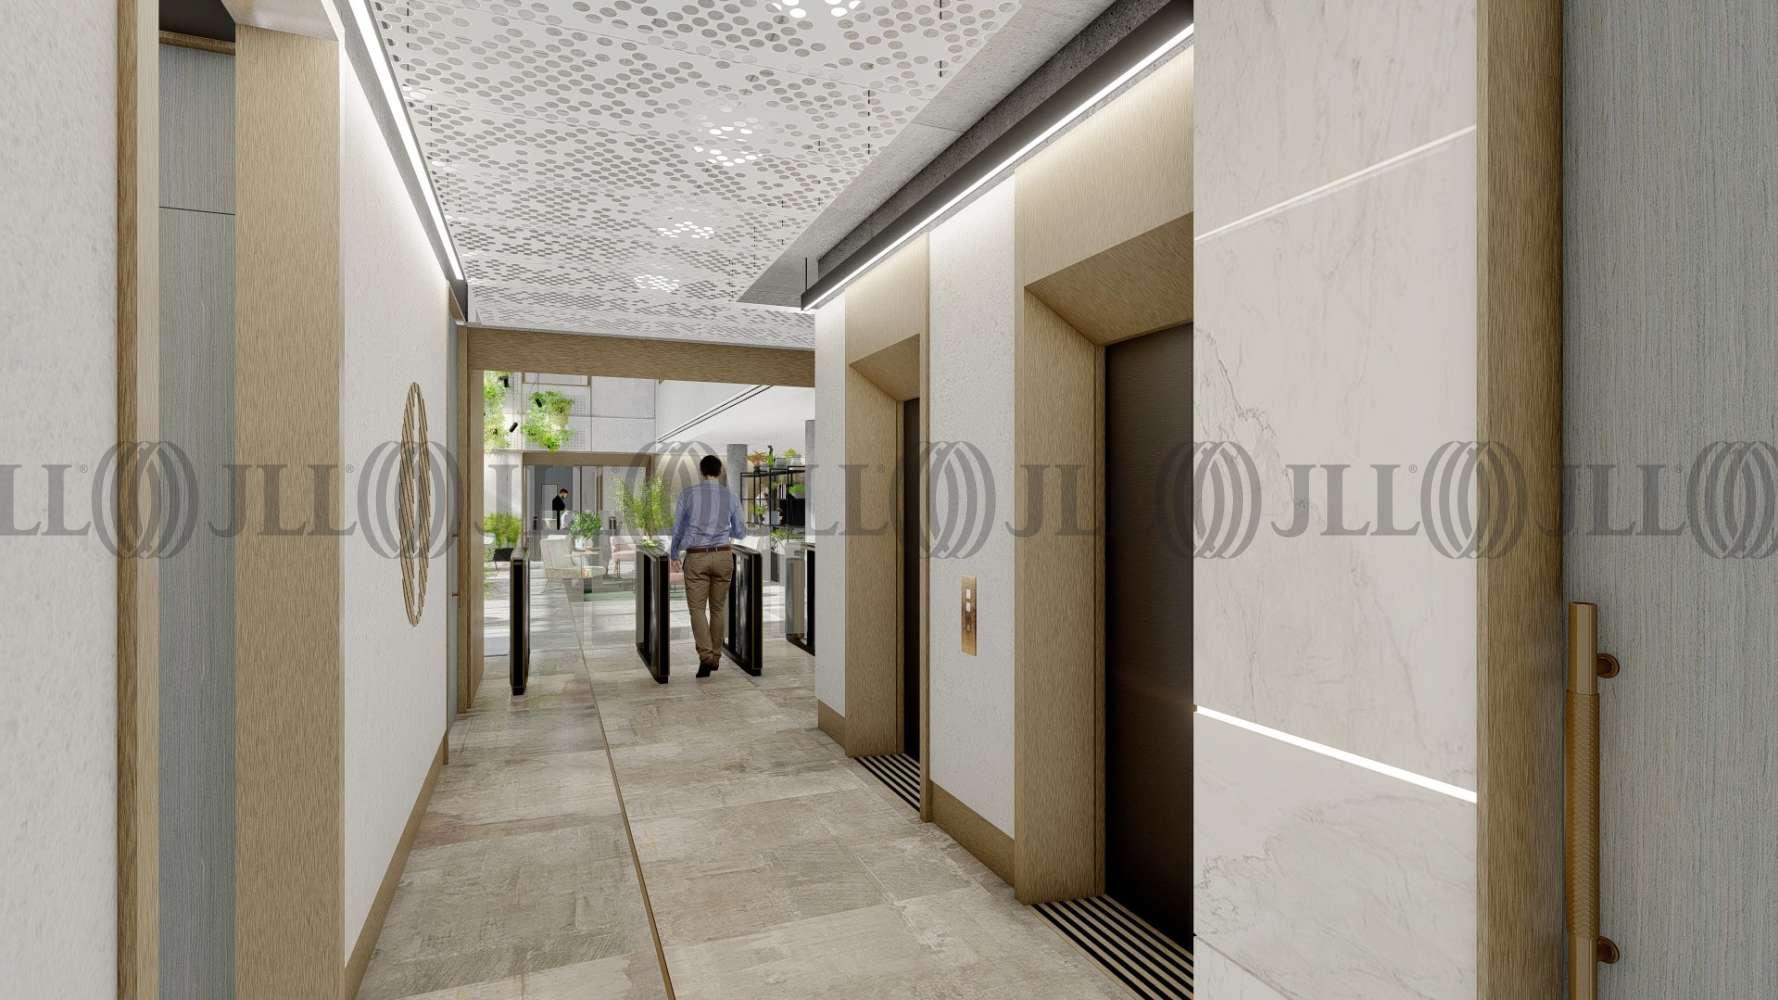 Office Dublin 1, D01 K8N7 - Dockline